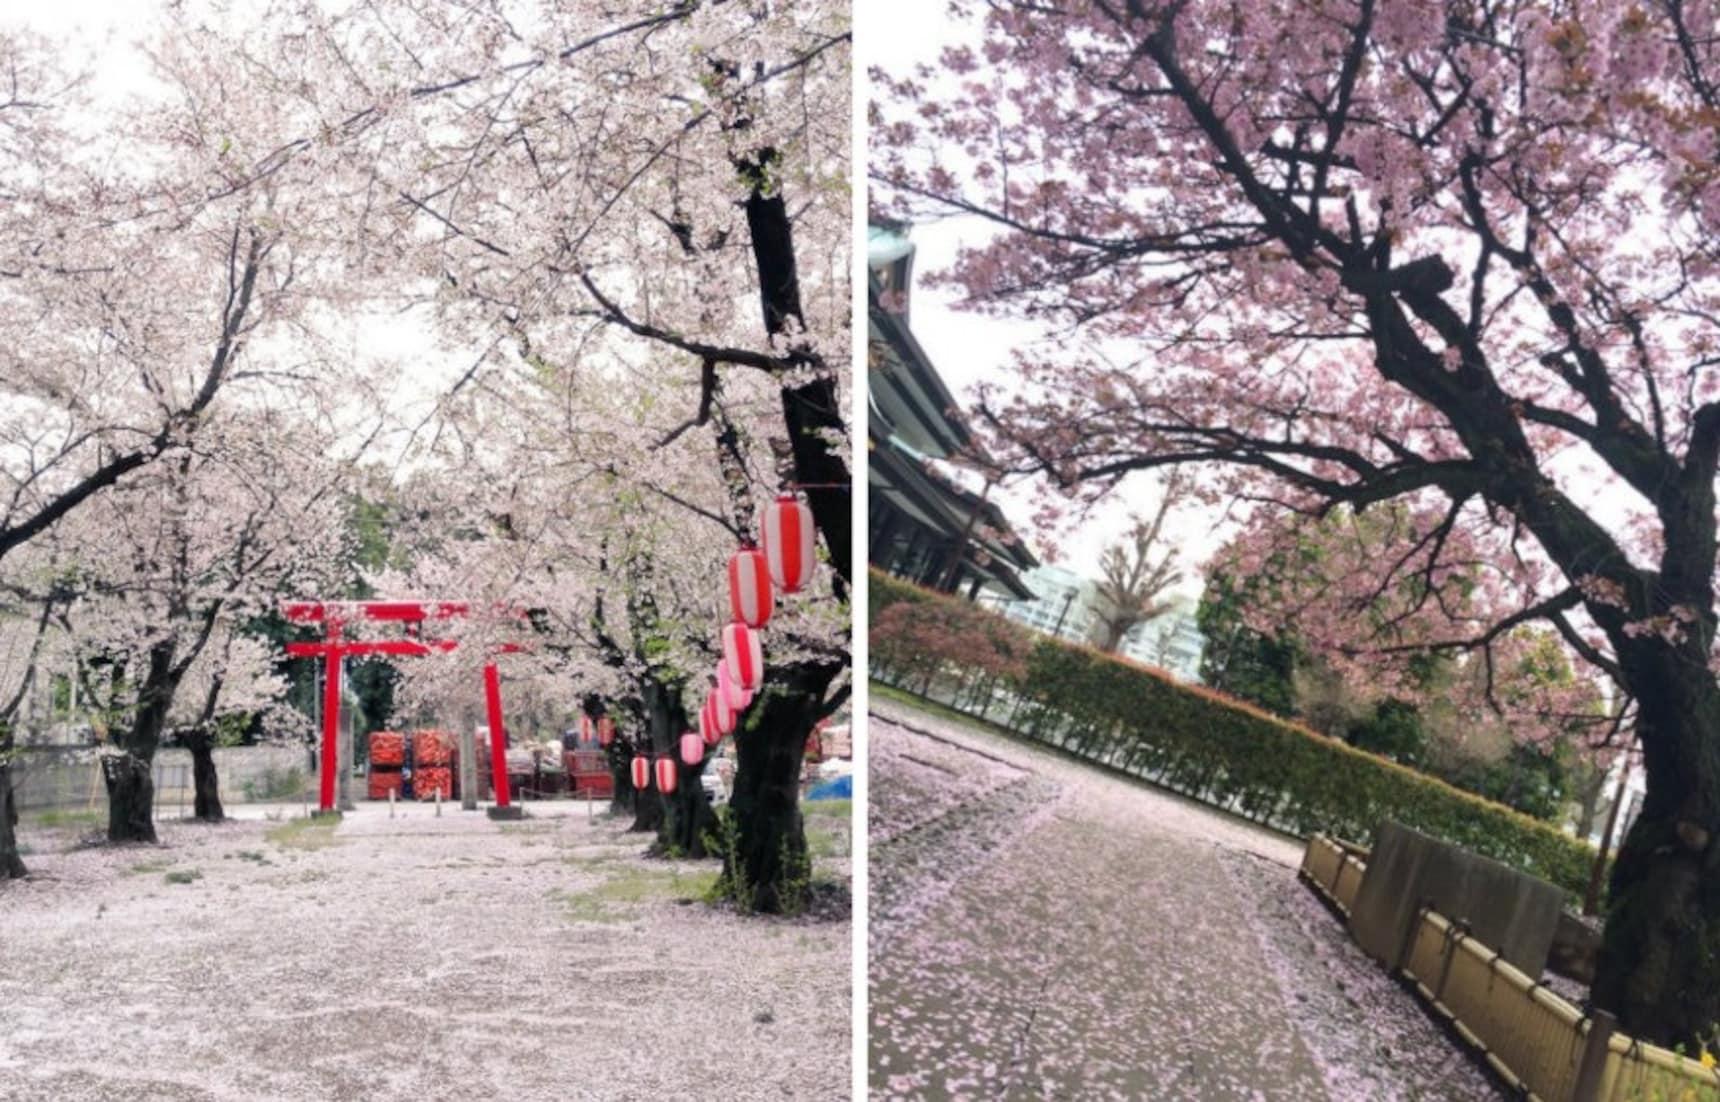 Tokyo's Final Photos of the Sakura Season?